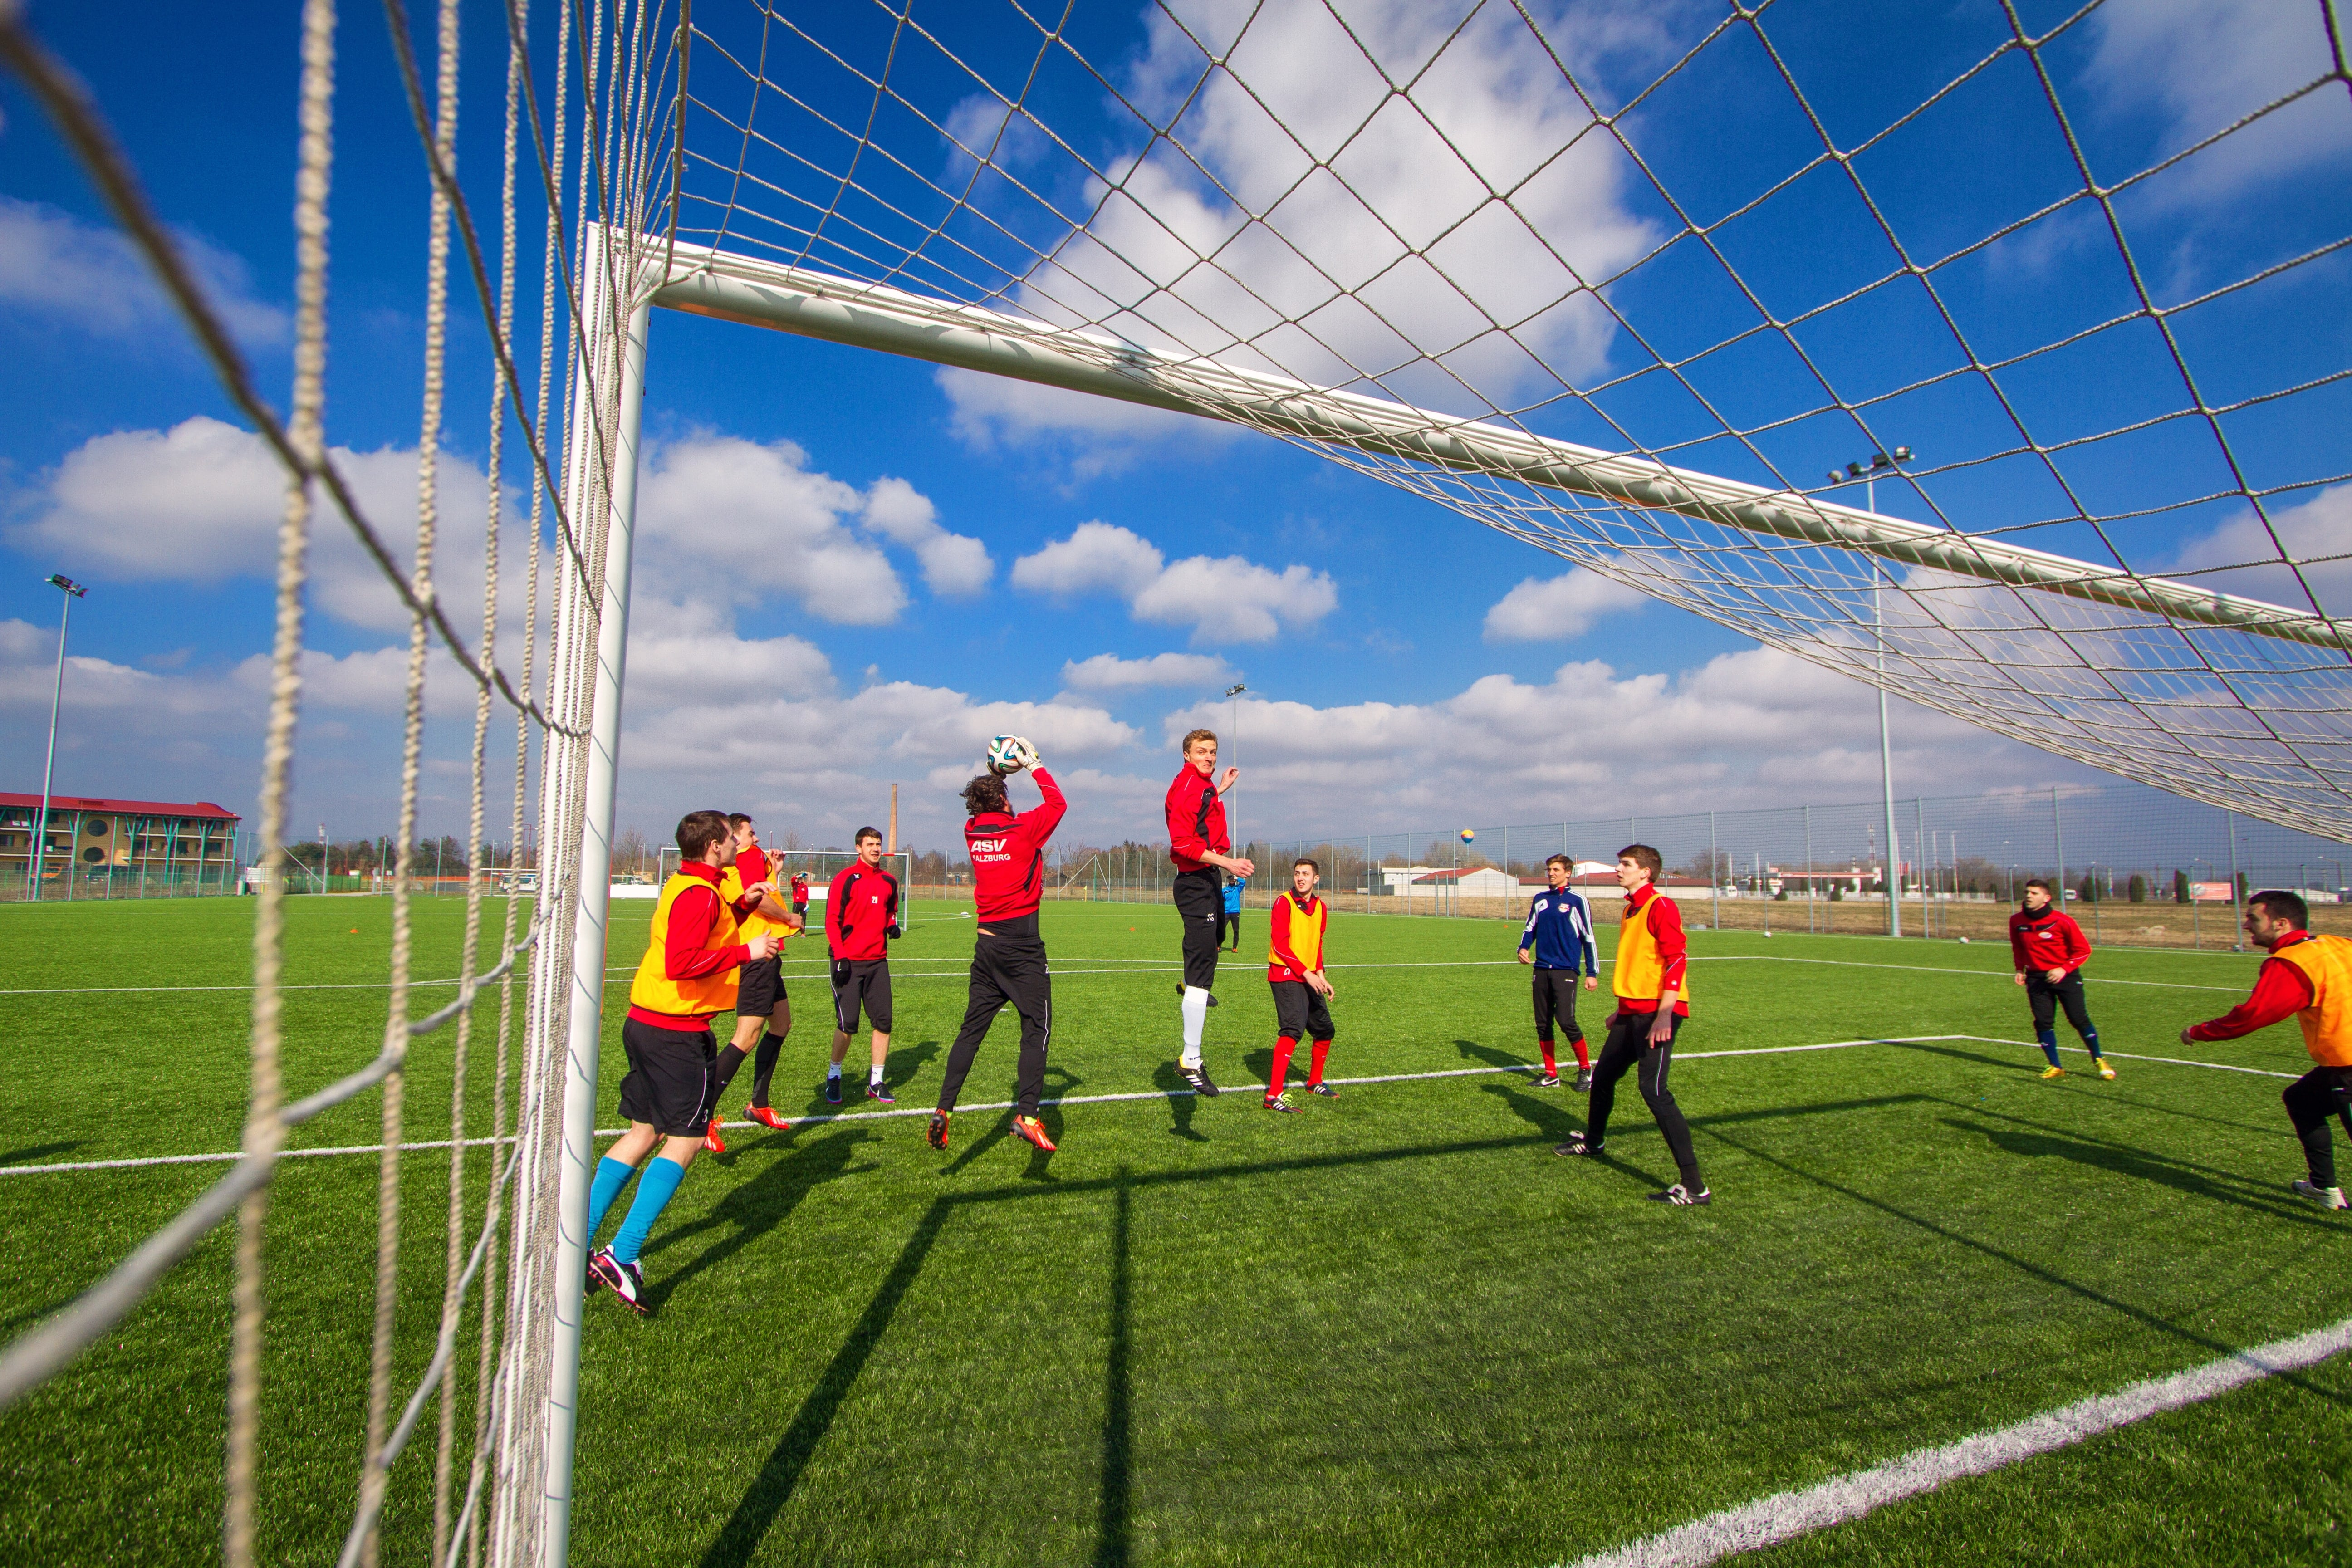 Fussballmannschaft beim Training auf Rasenplatz in Ungarn. JUFA Hotels bietet Ihnen den Ort für erfolgreiches Training in ungezwungener Atmosphäre für Vereine und Teams.